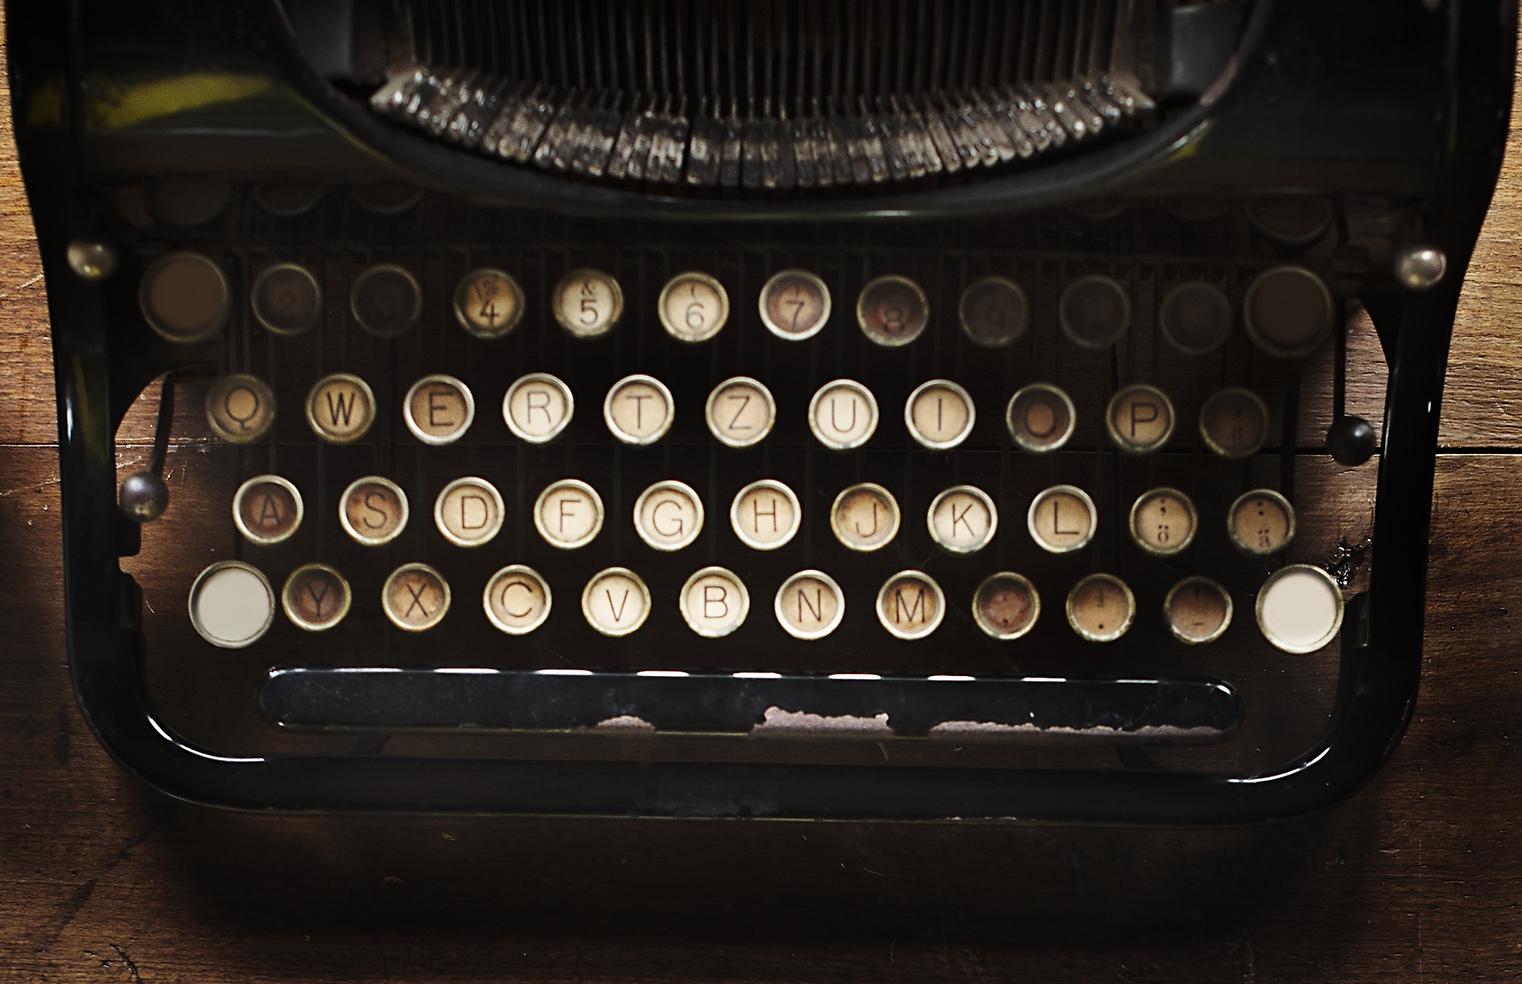 typewriter keyboard.png